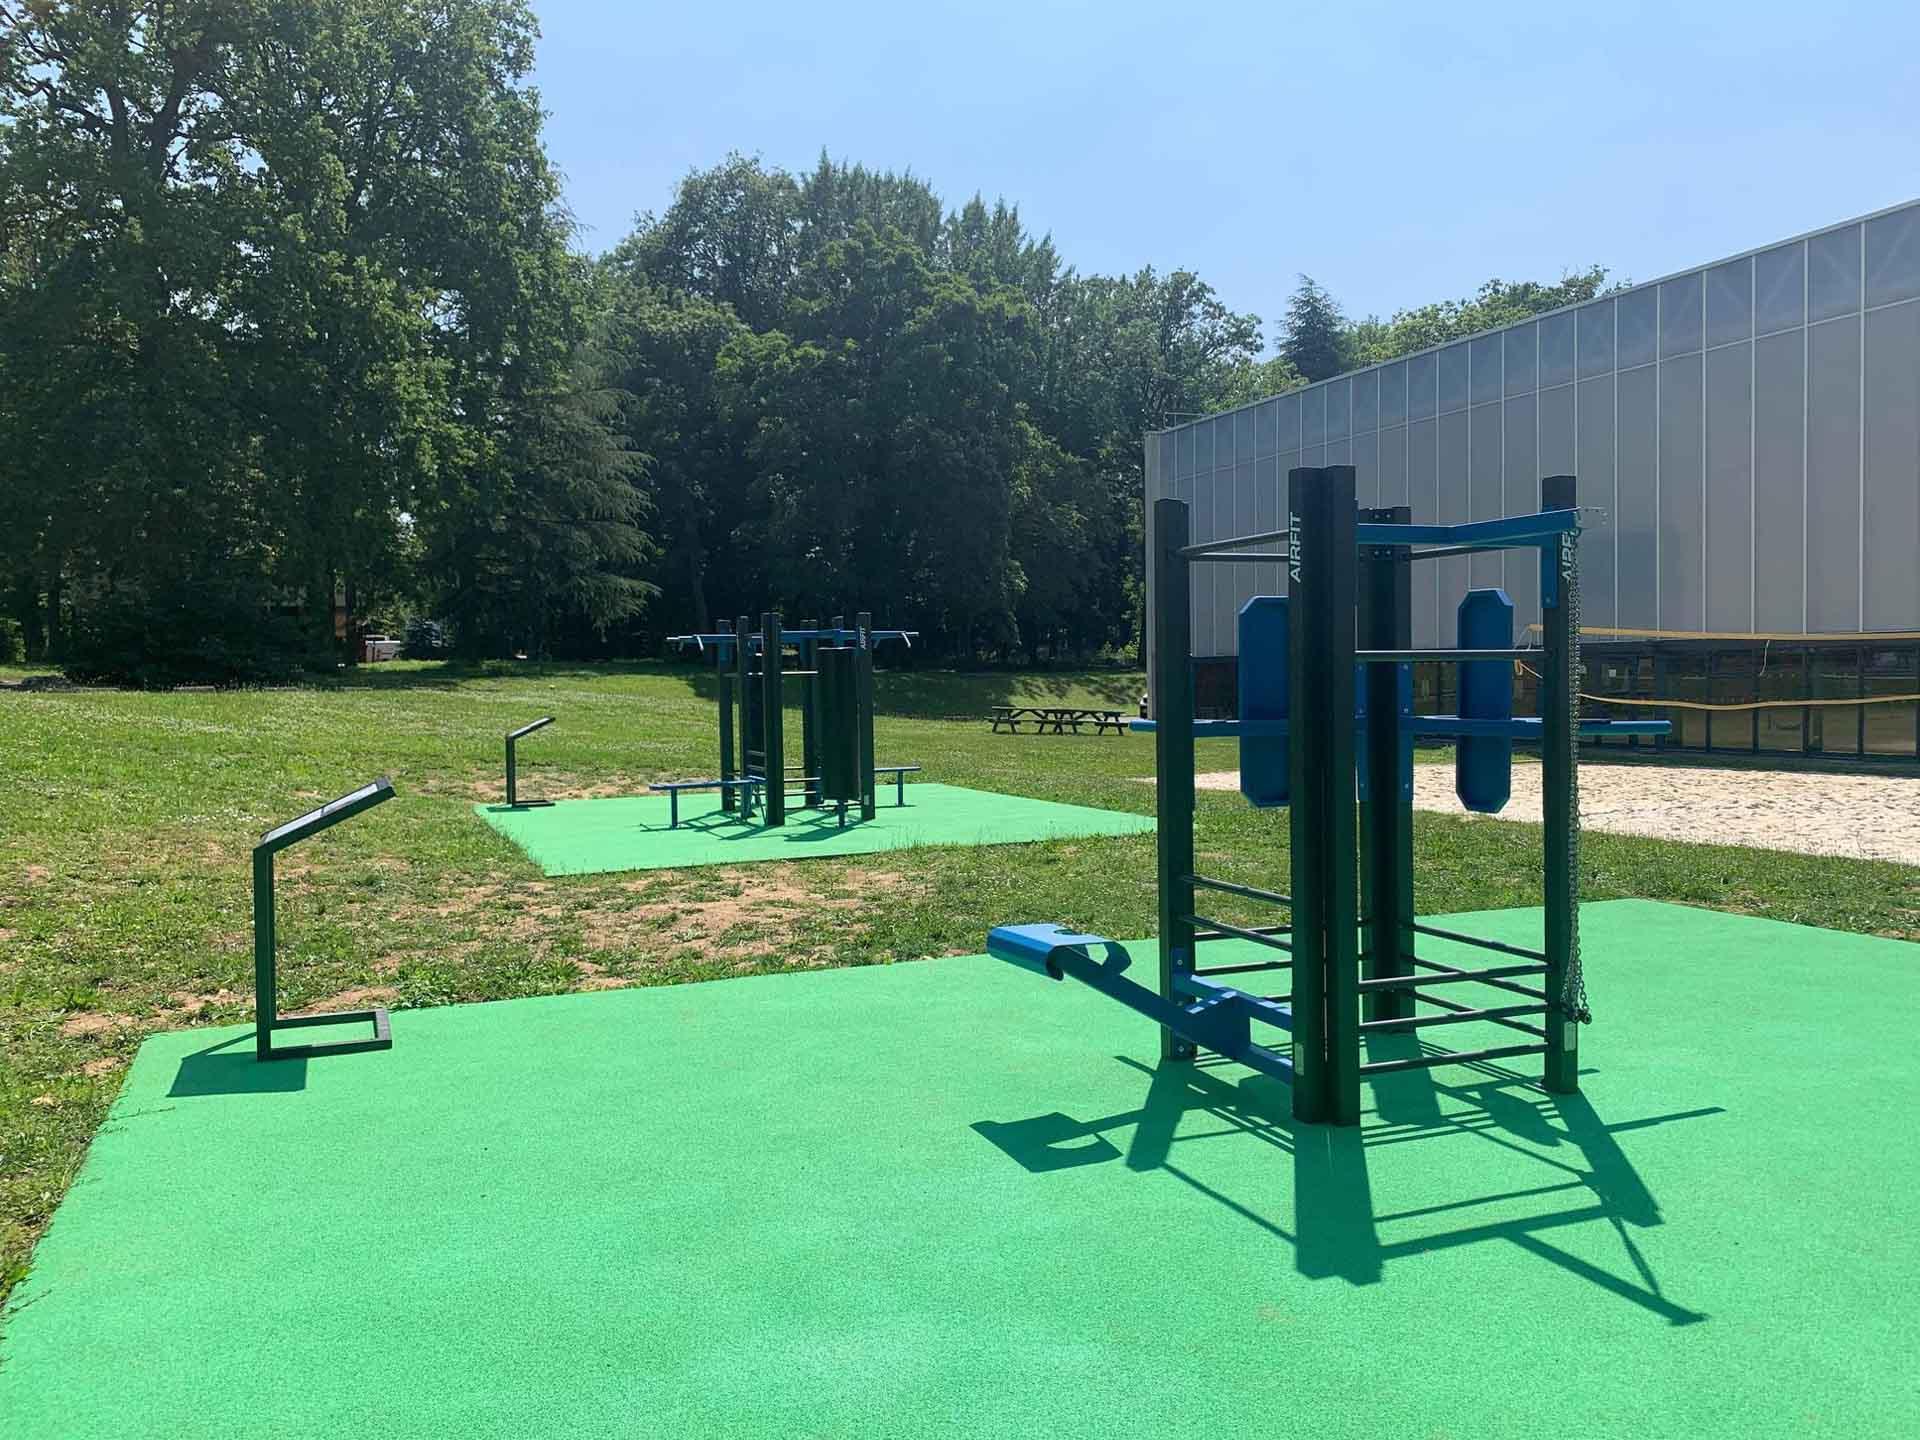 Photo des aires de fitness en extérieur AirFIt du campus HEC Paris